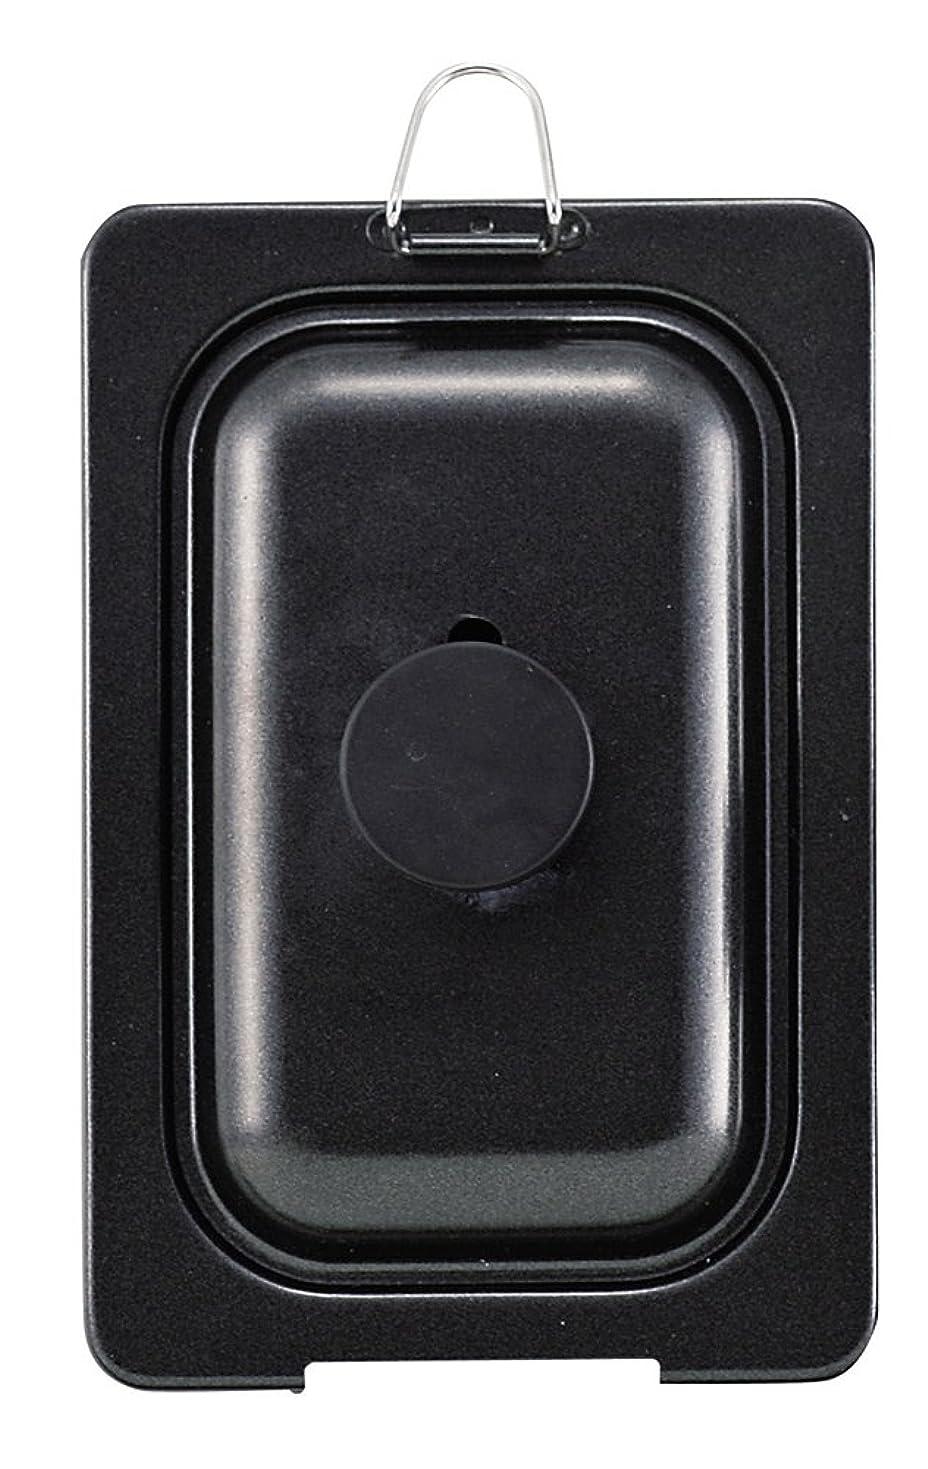 ショート解凍する、雪解け、霜解けチャームパール金属 ミニ 卵焼き フライパン 蓋 10×16cm シリコン加工 ミニ 玉子焼 カバー コンパクト HB-2195